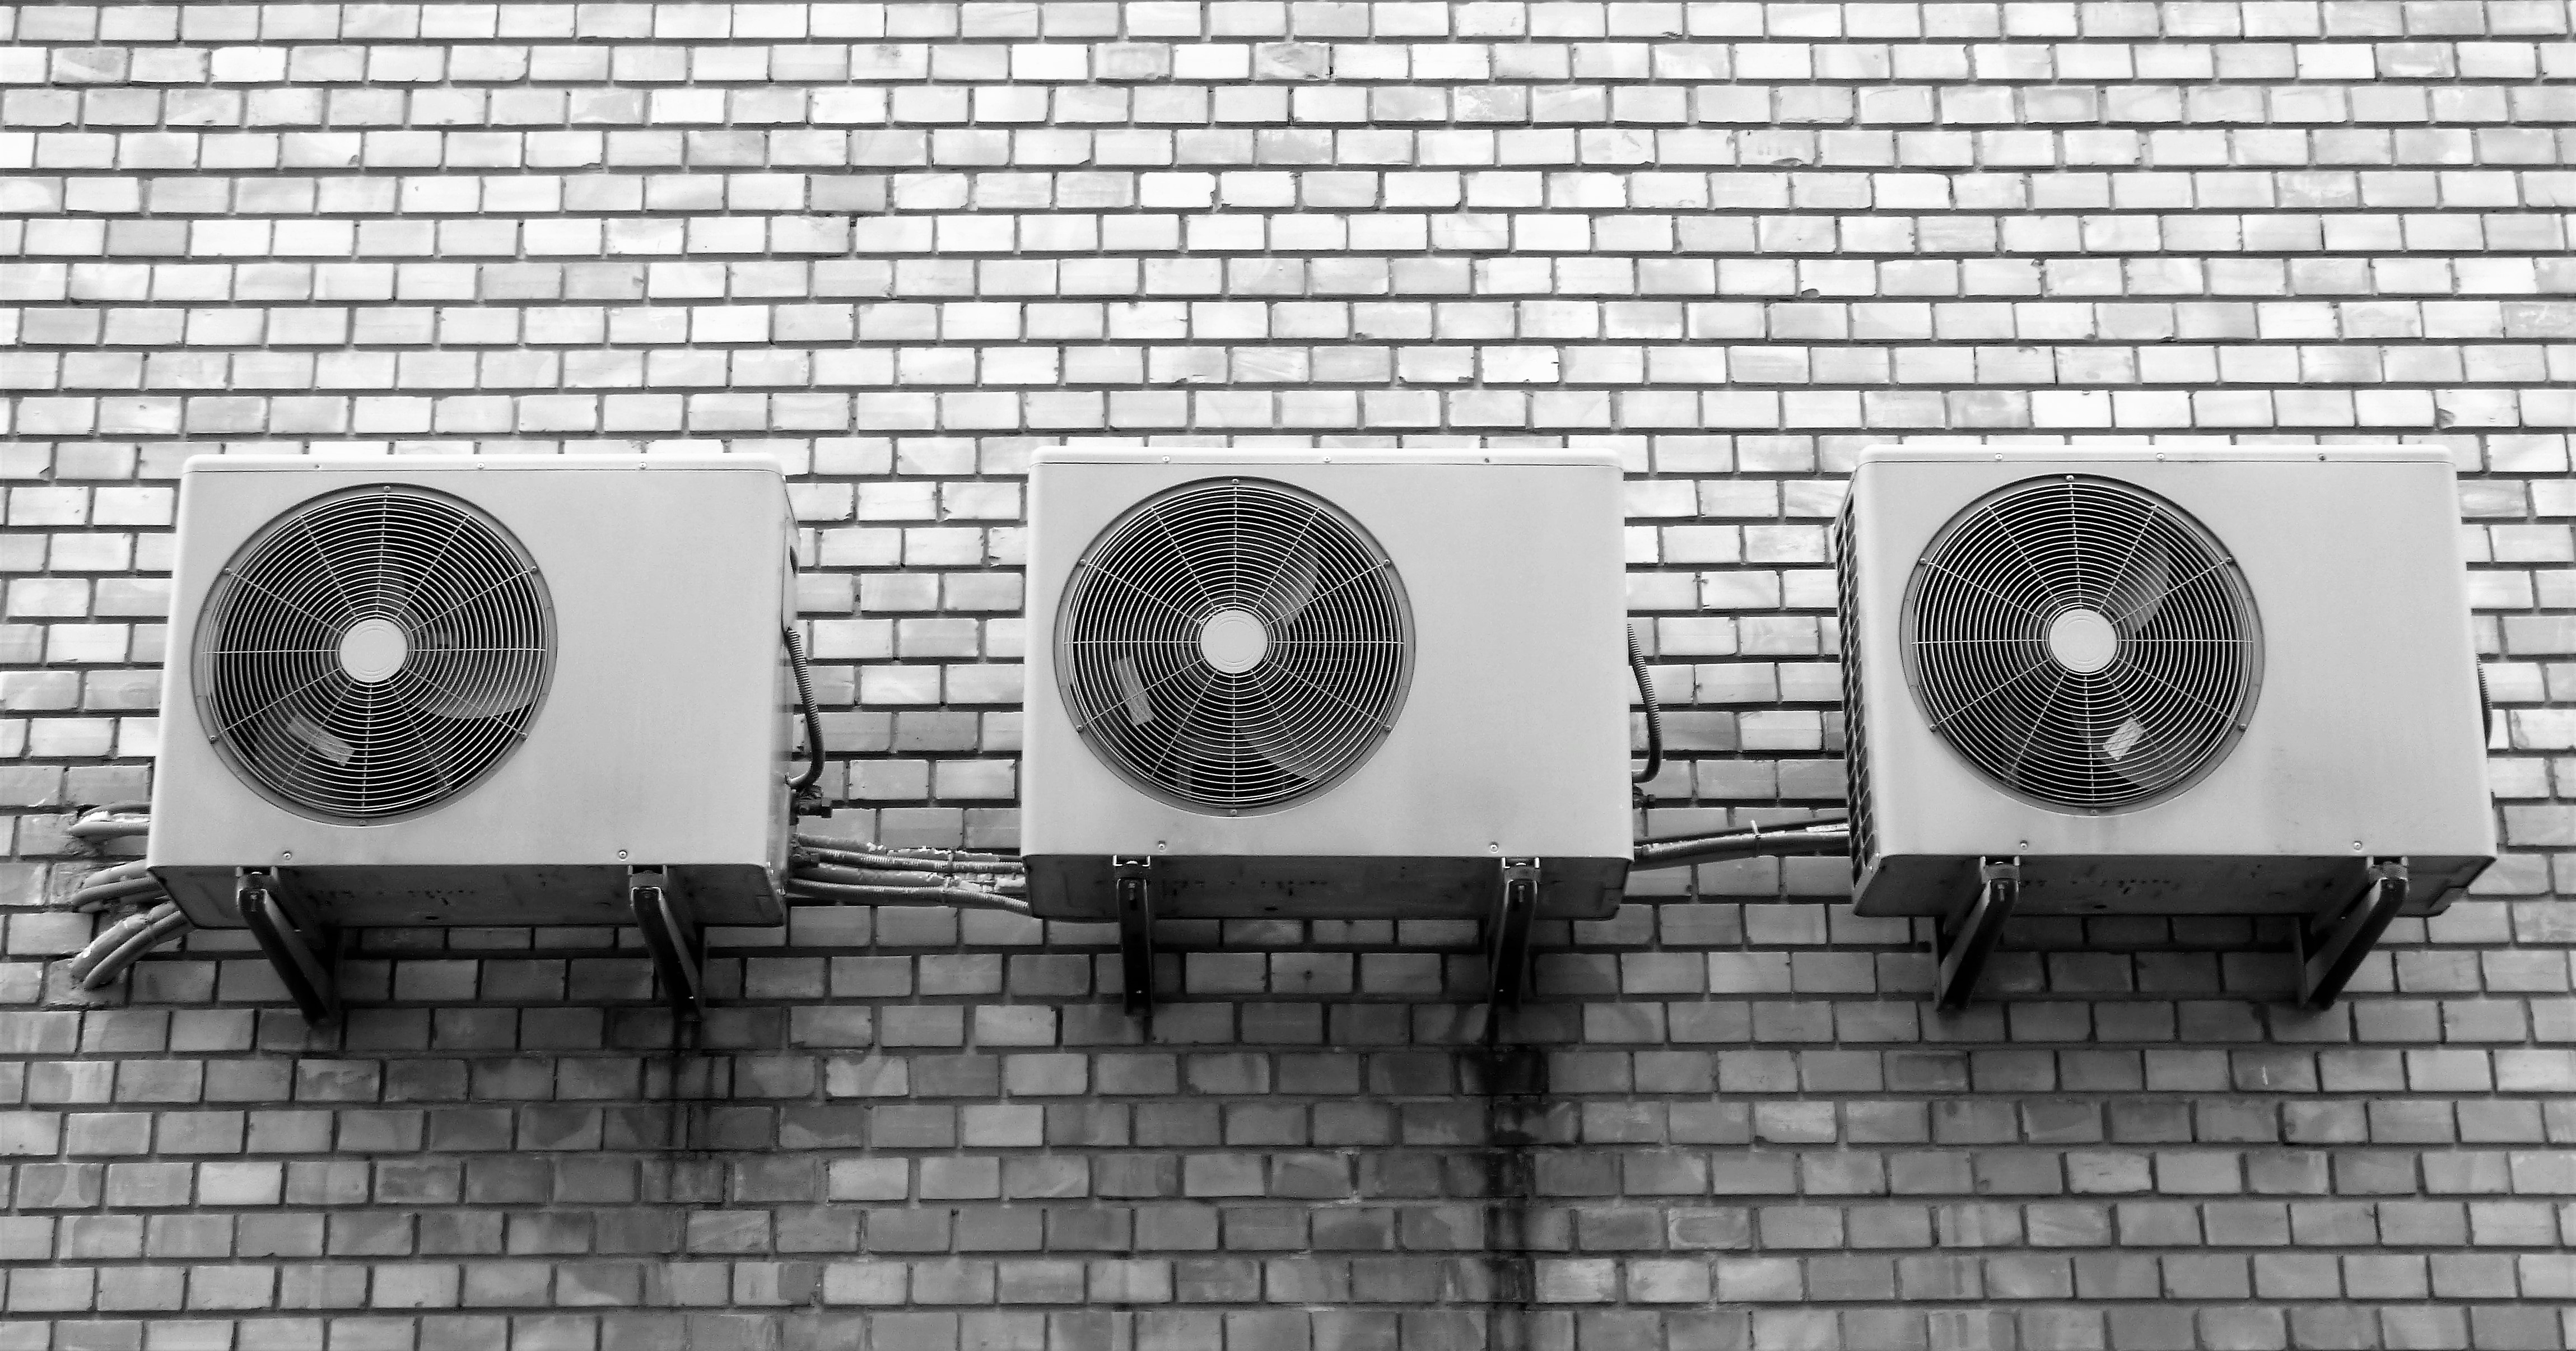 Konventionelle Klimaanlagen können dank eines von der  DBU geförderten Projekts bald der Vergangenheit angehören (Foto: matuska/ Pixabay)